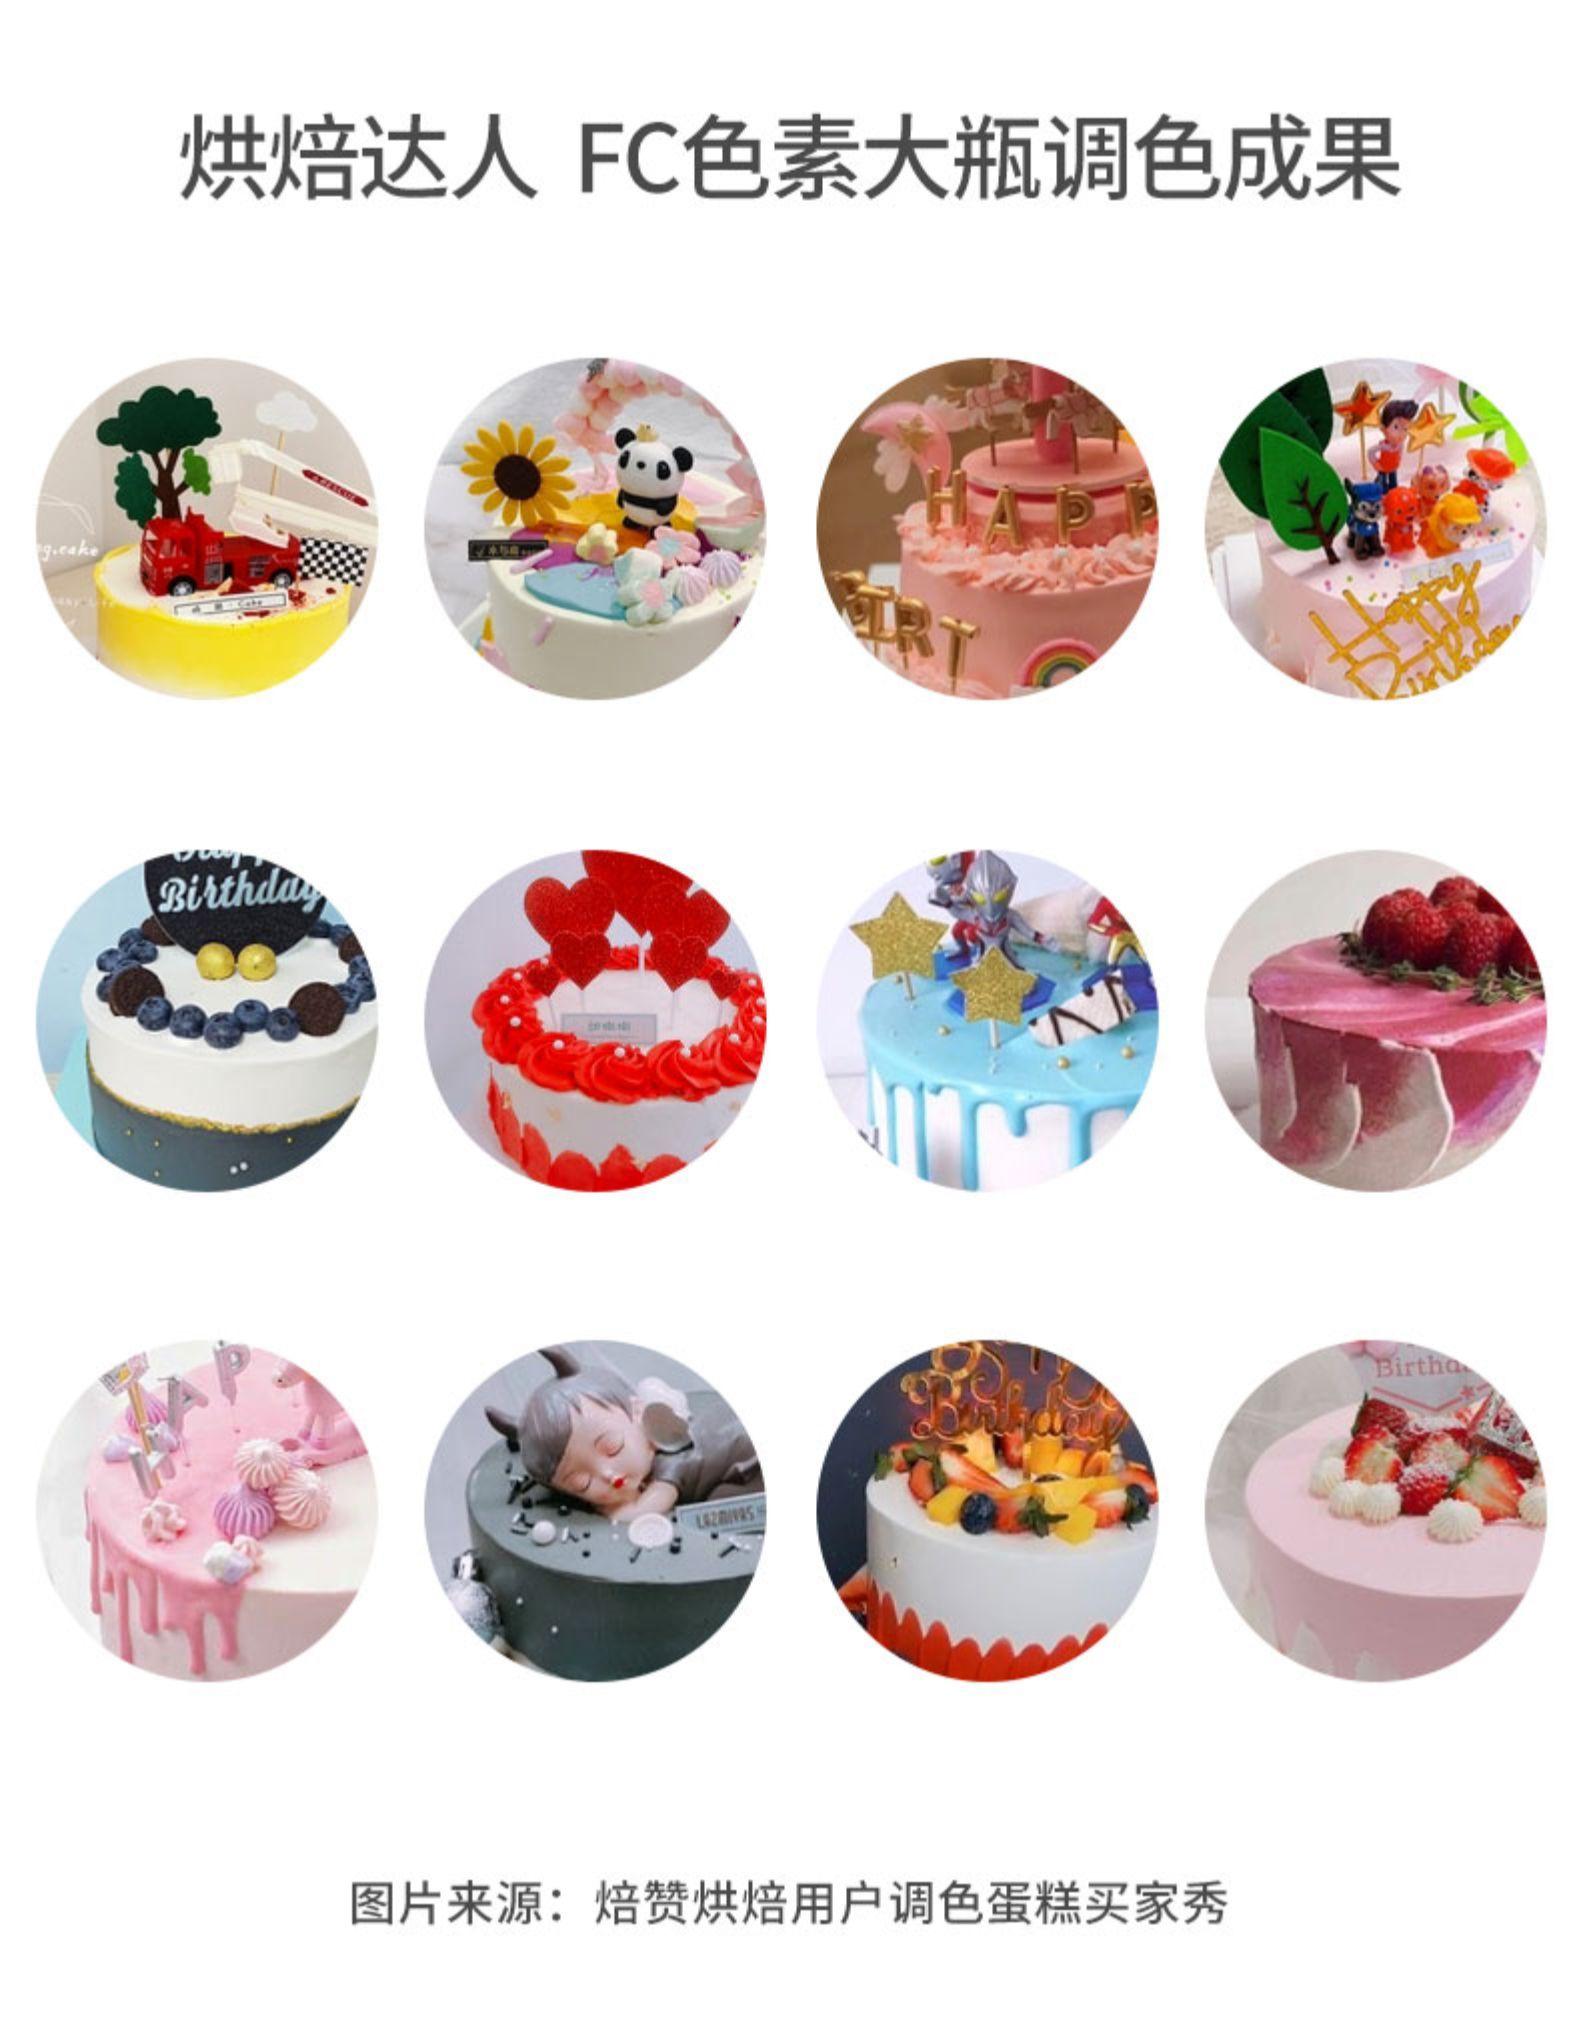 色素进口可食用烘焙食品级红色蛋糕奶油裱花超级大红色黑色天然详细照片